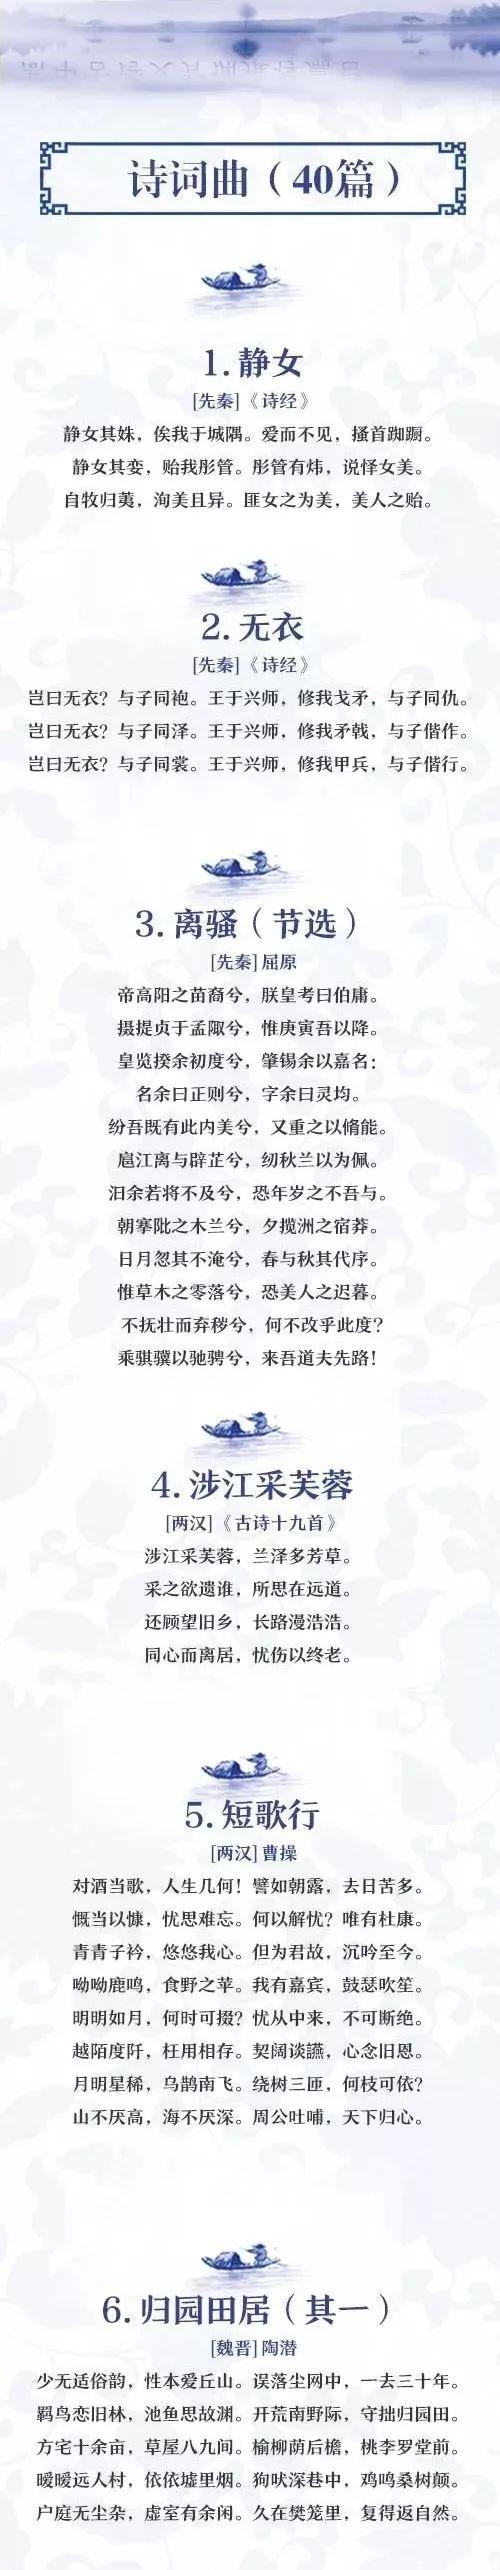 必看丨2019年秋季北京新高一使用新教材